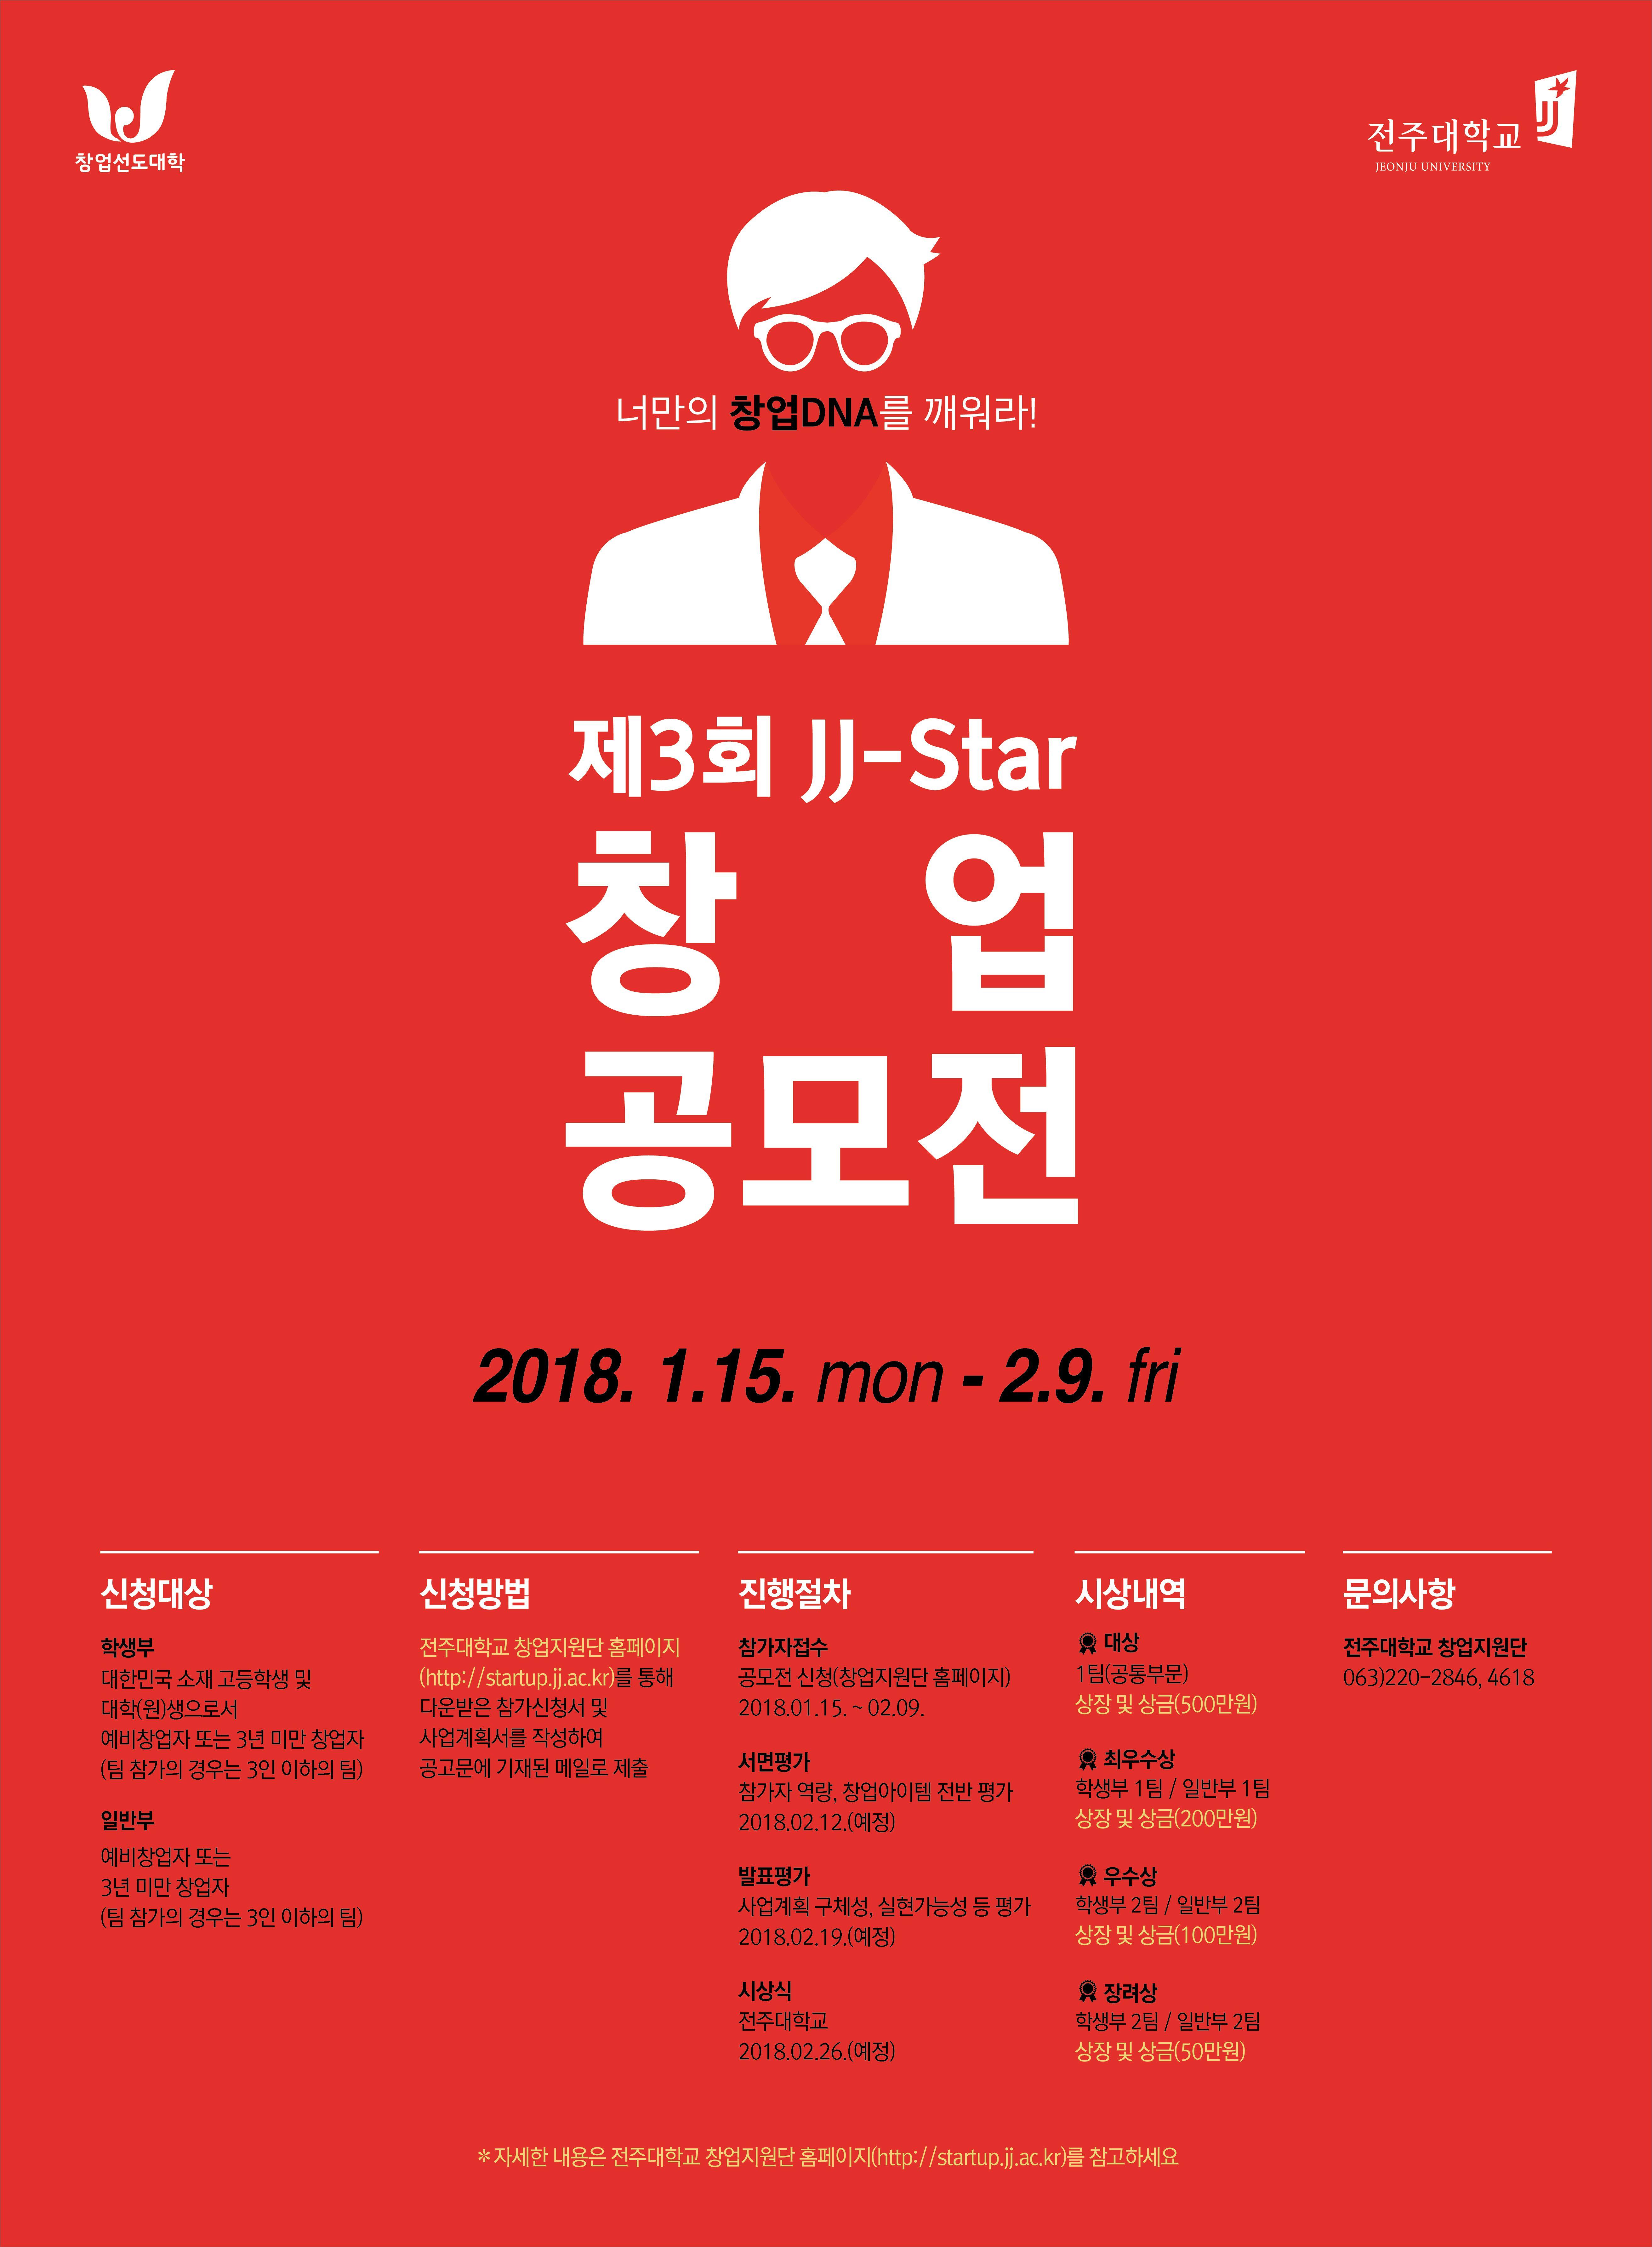 [전주대학교 창원지원단] JJ-Star 창업 공모전